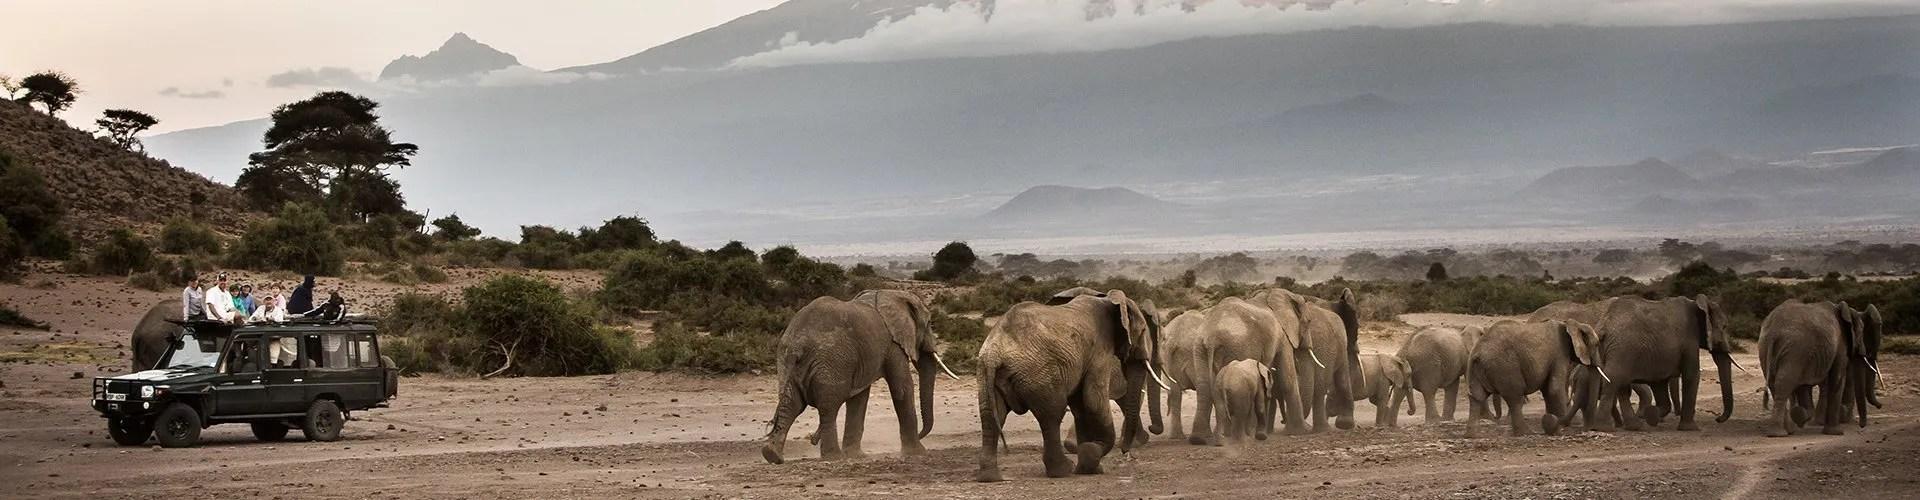 Uganda Holiday Safaris